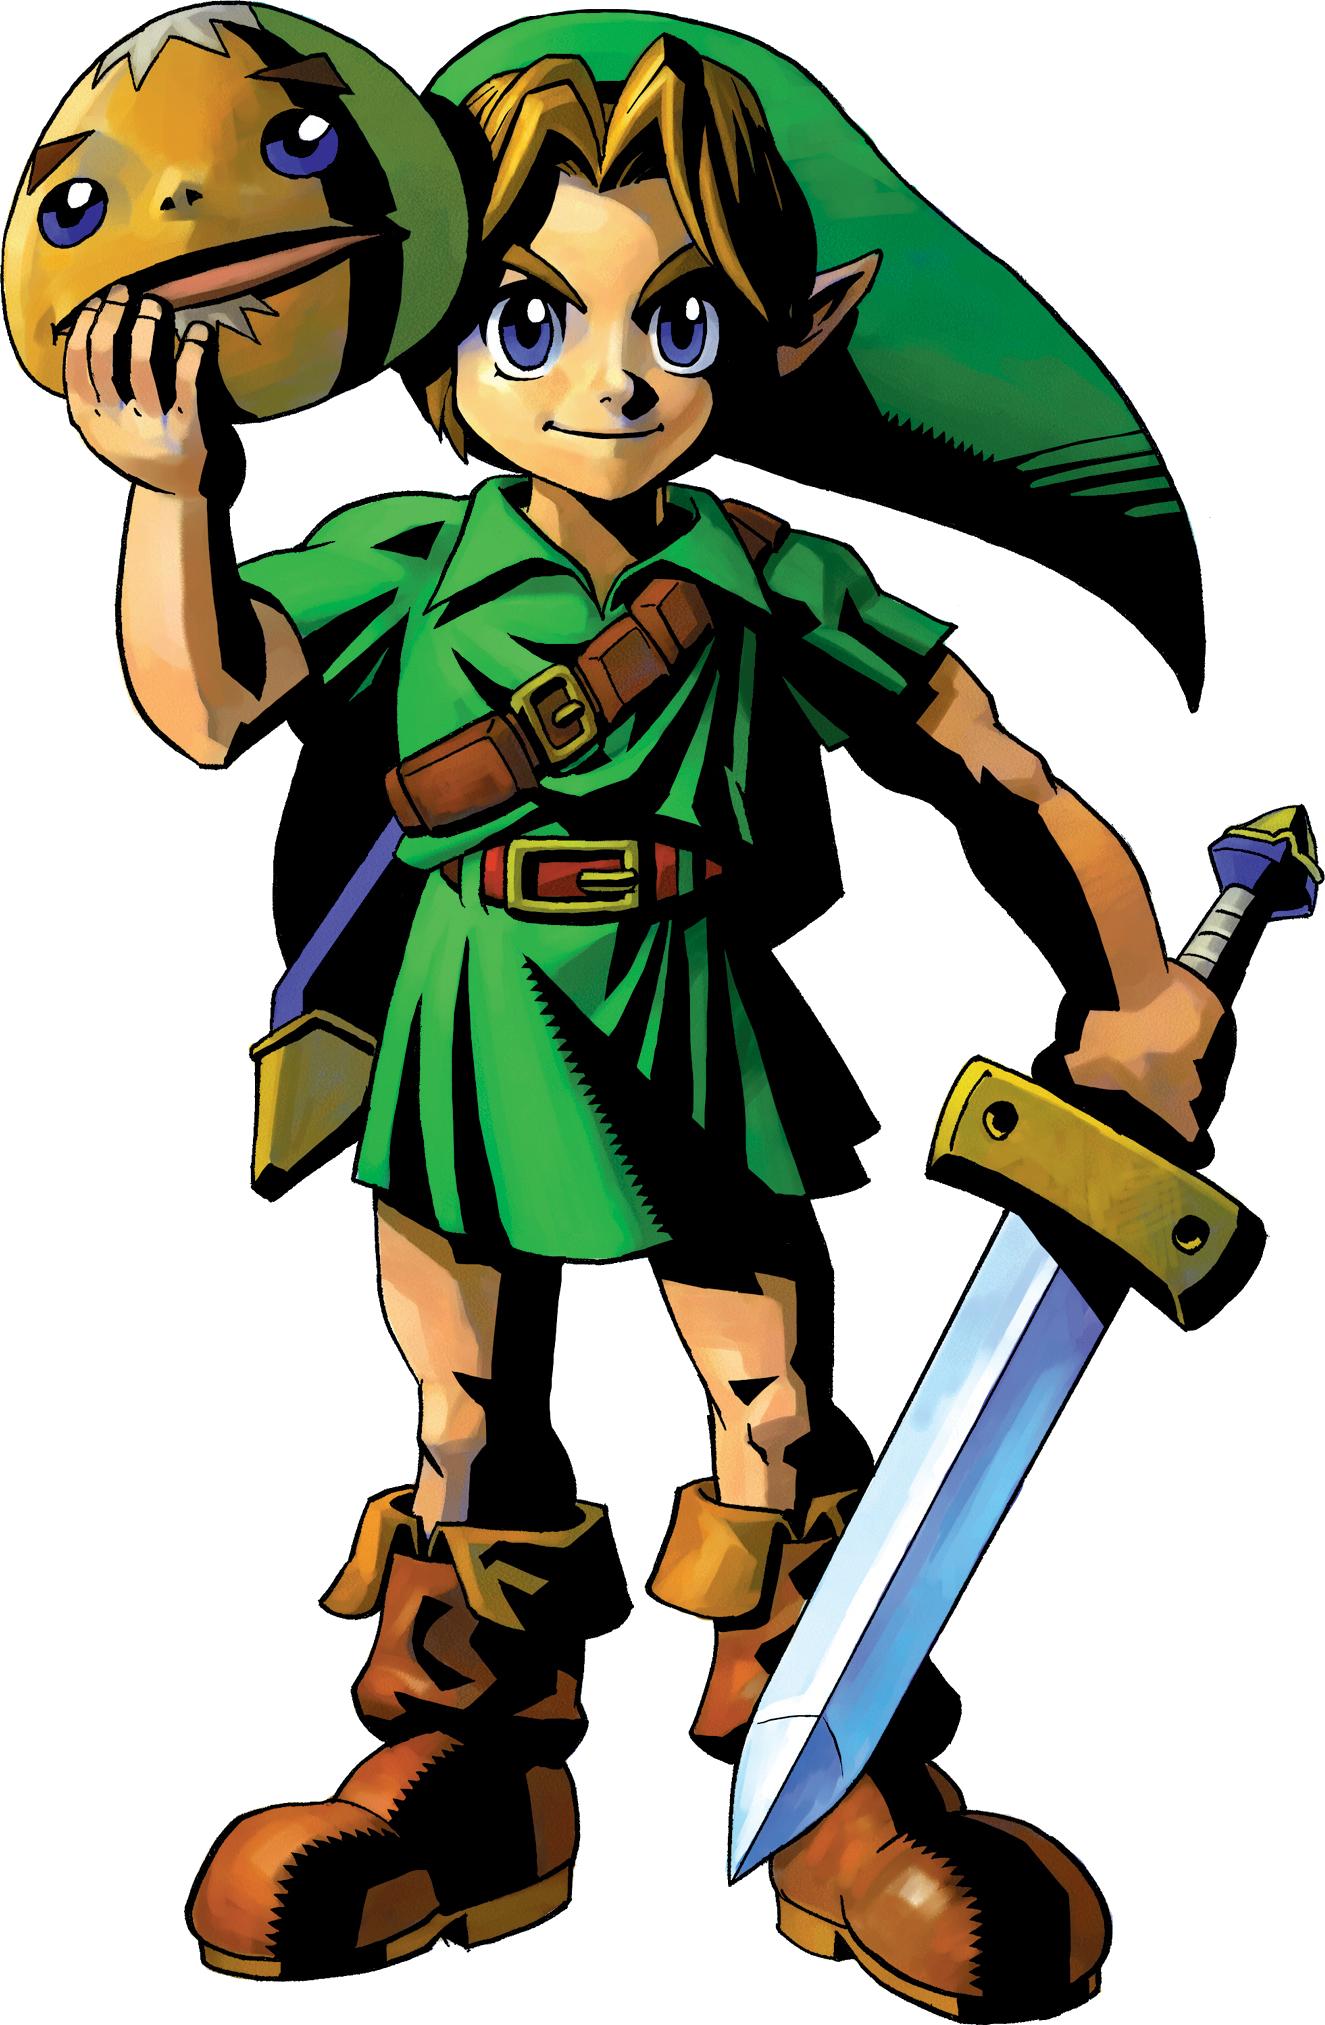 News Download Zelda Majoras Mask Art Legend Of Zelda Majoras Mask